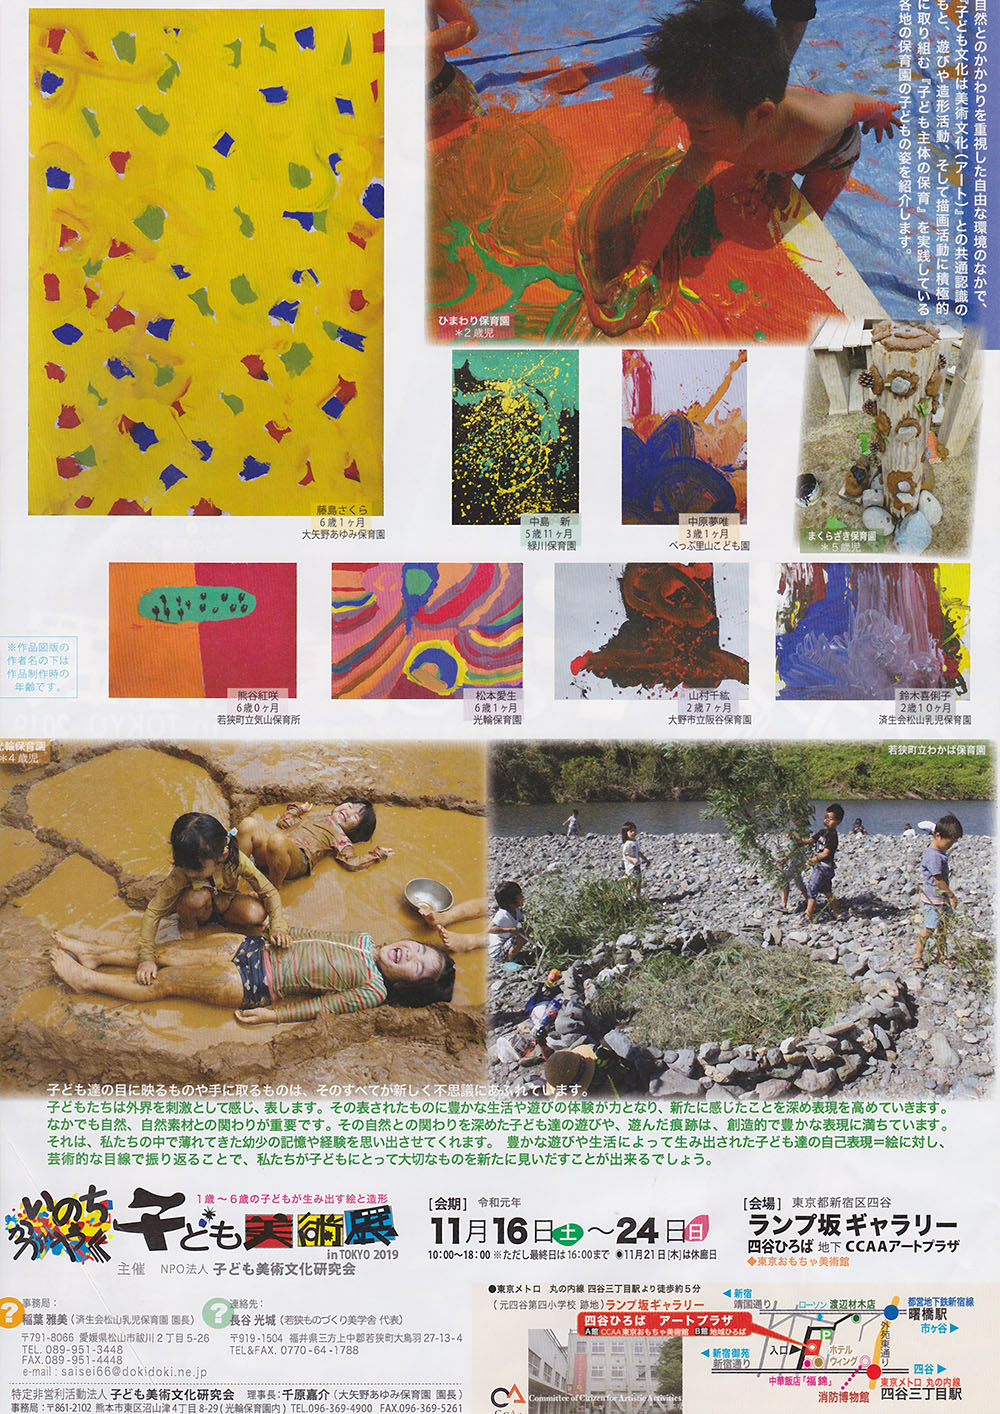 子ども美術展2019 in TOKYO